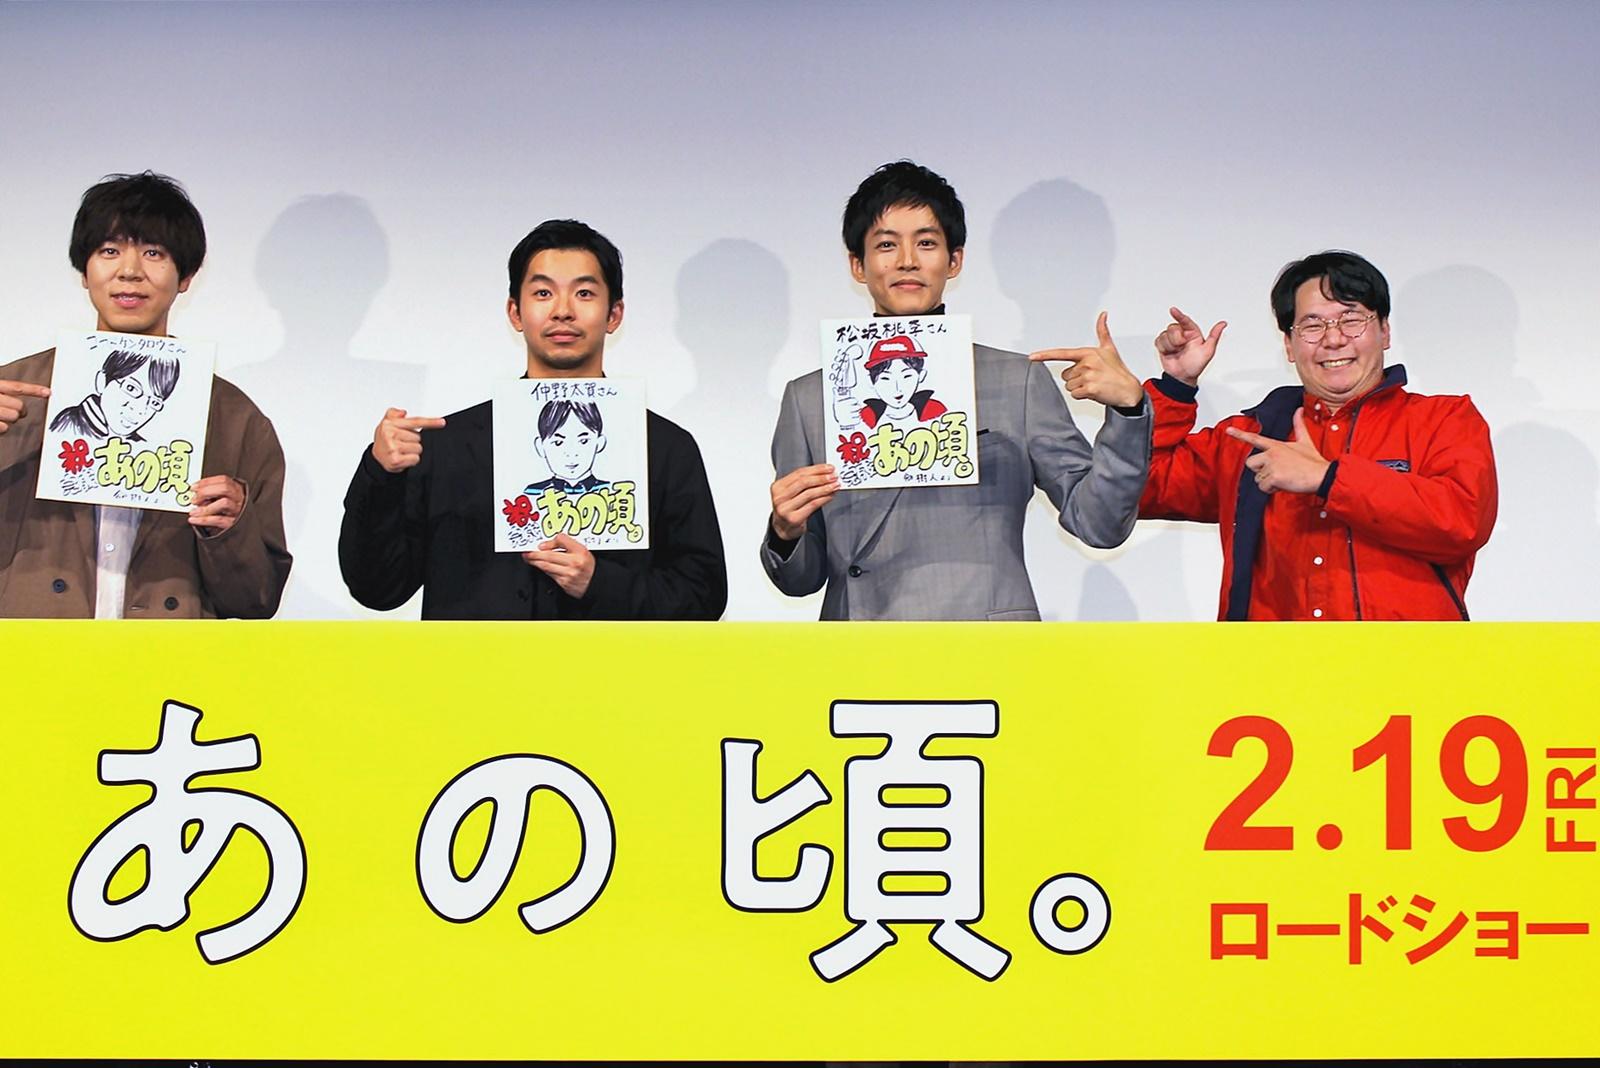 【写真】映画『あの頃。』公開直前イベント (松坂桃李、仲野太賀、コカドケンタロウ、劔樹人)